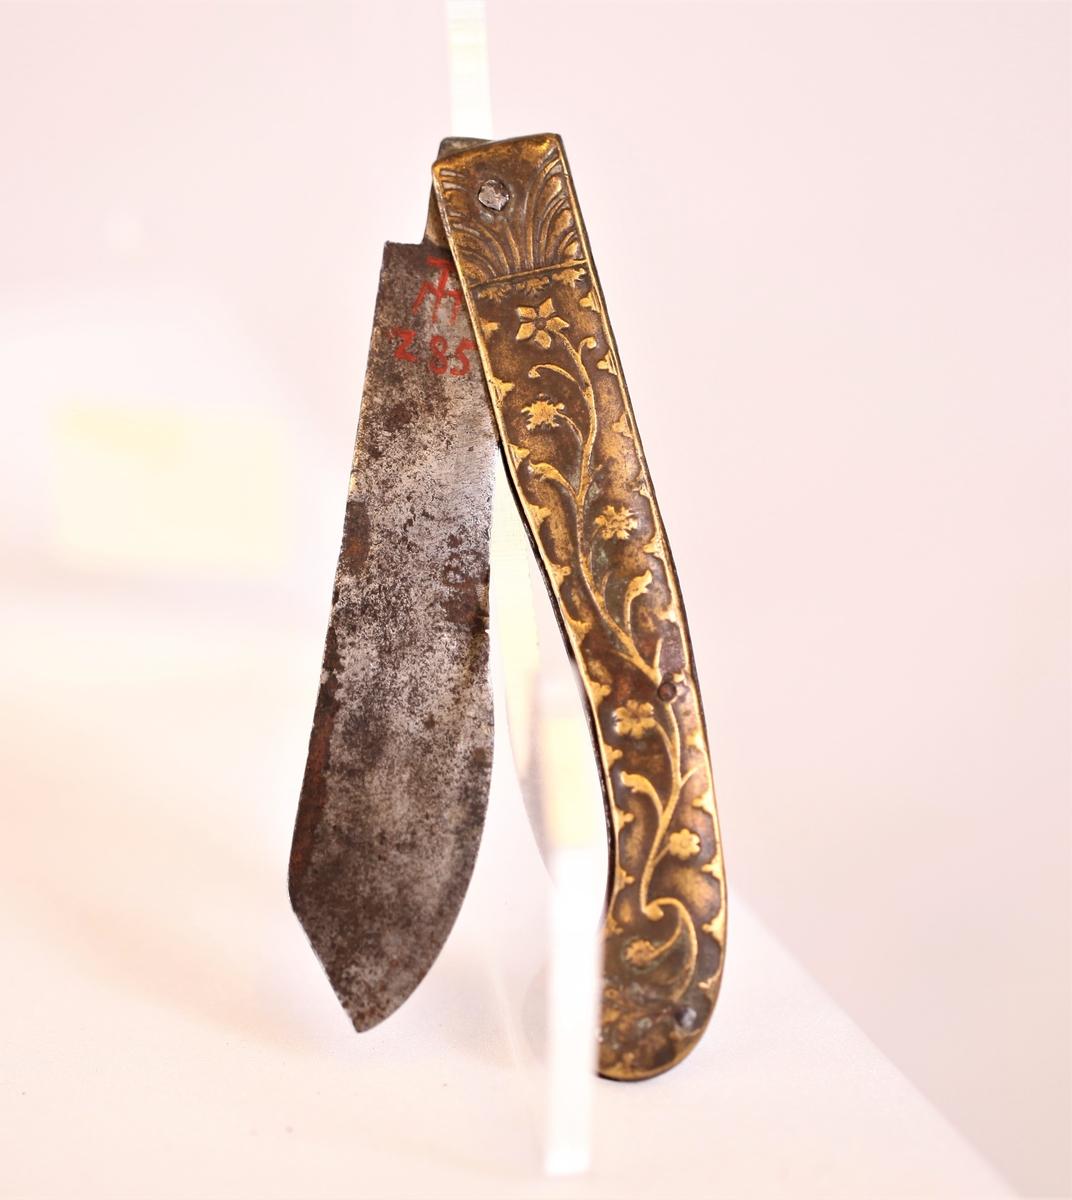 Bestikket består av to deler som kan festes sammen og ser da ut som en lukket foldekniv med smalt,litt kroket skaft. Tatt fra hverandre og foldet ut er den ene del kniv (a) og den andre gaffel (b). Kniven har spisst blad som er bredest ved spissen, gaflen er smal med to rette, lange tenner. Hver del har skaft av tynt jern på innsiden, på yttersiden støpt bronse med blomsterranke i relieff.